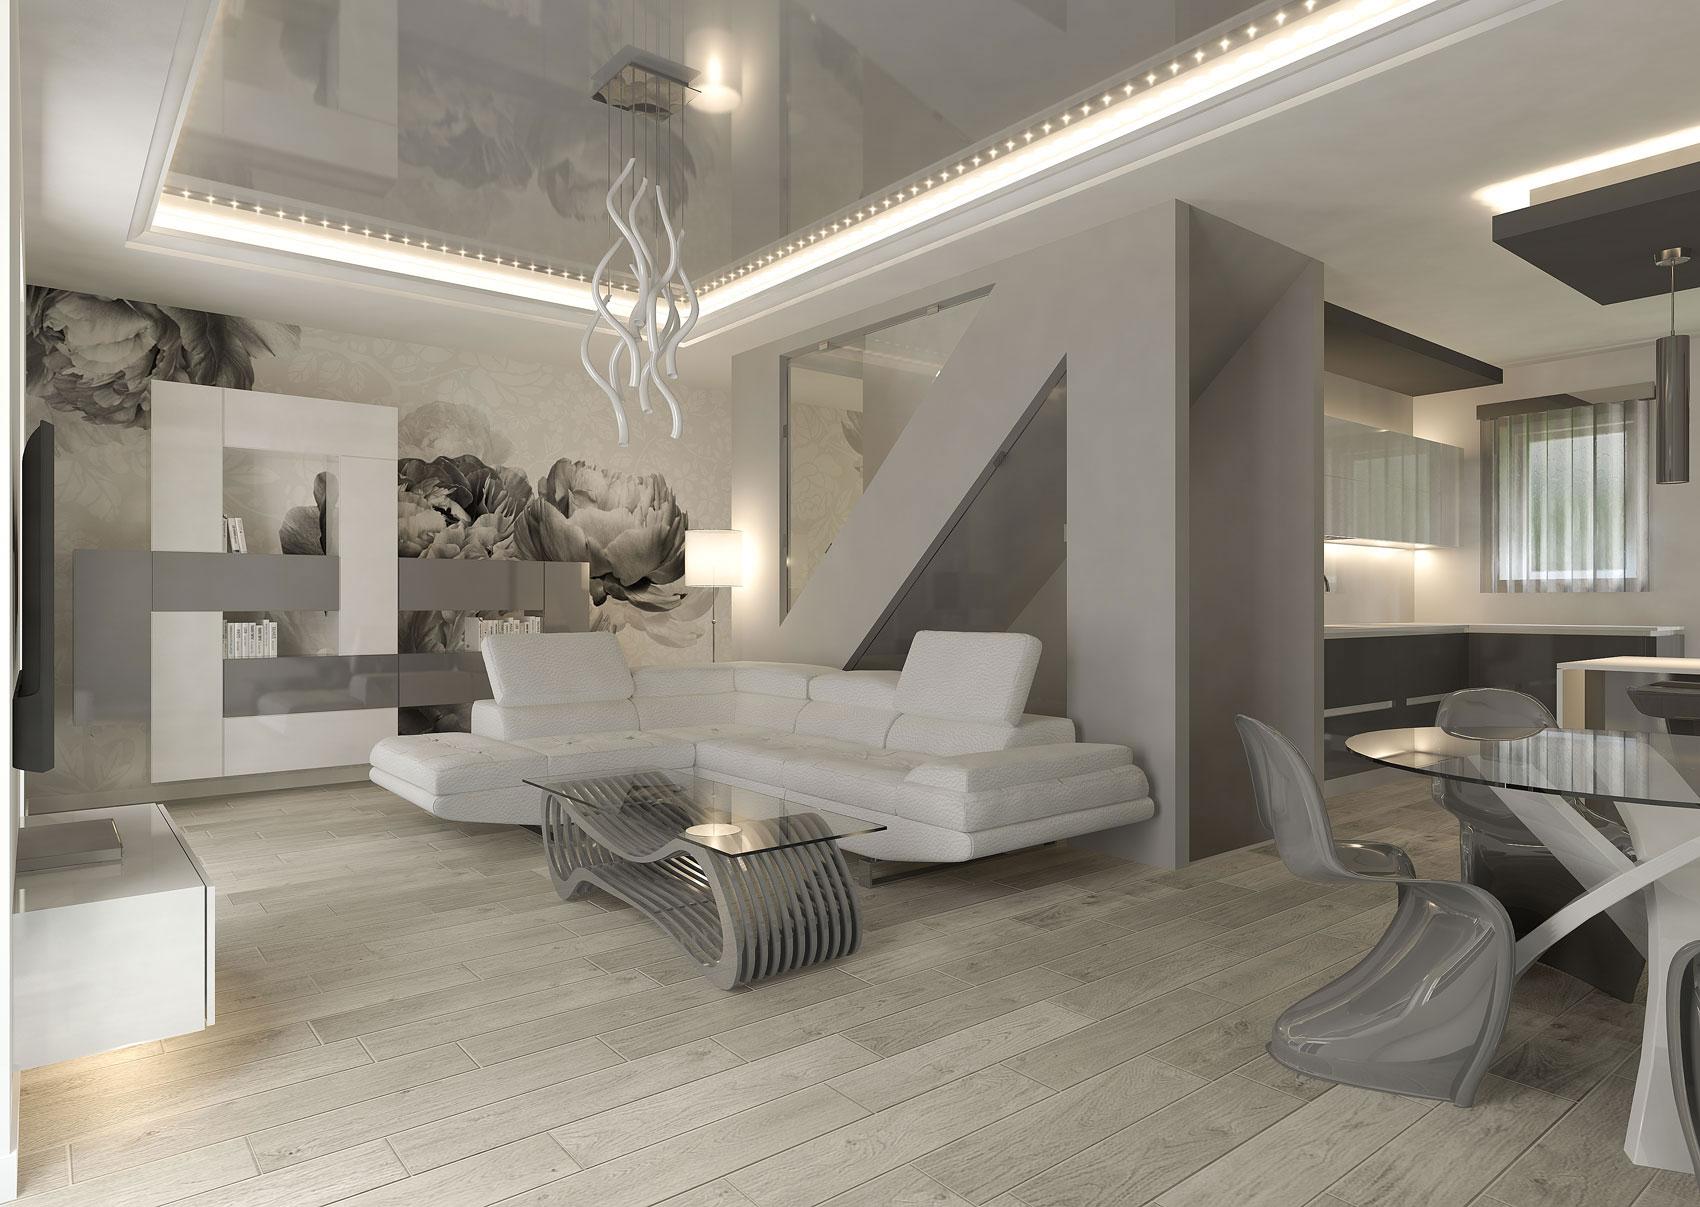 Geometrie abitative progetta ristruttura arreda for Interior design resources